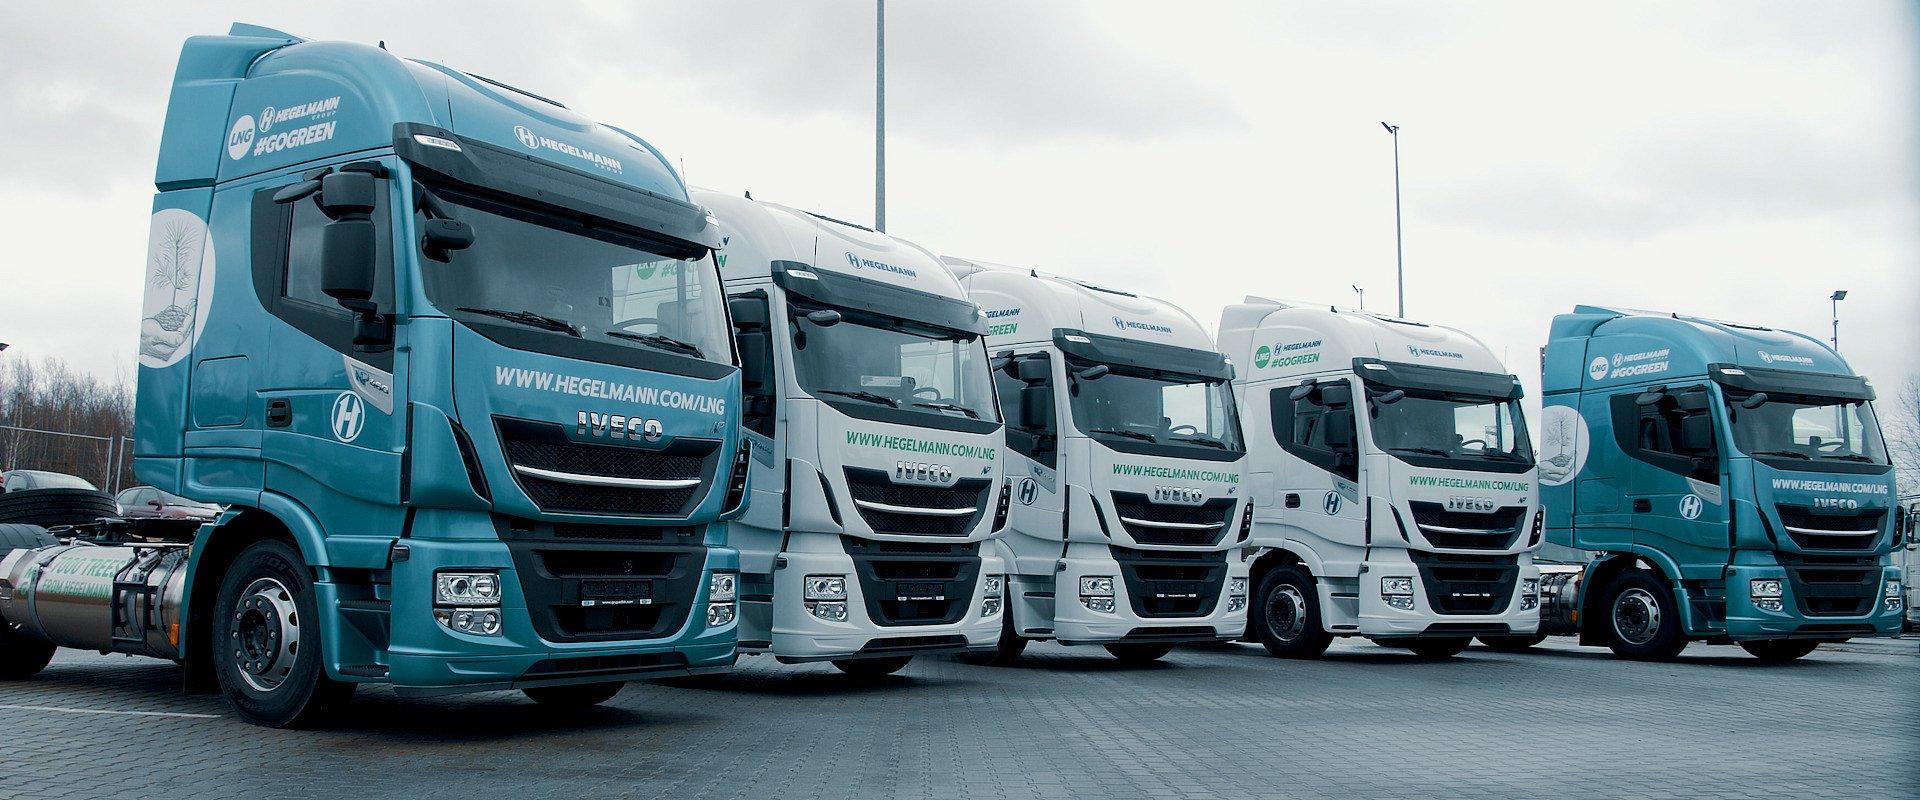 Grupa Hegelmann kupuje pojazdy ciężarowe napędzane skroplonym gazem LNG